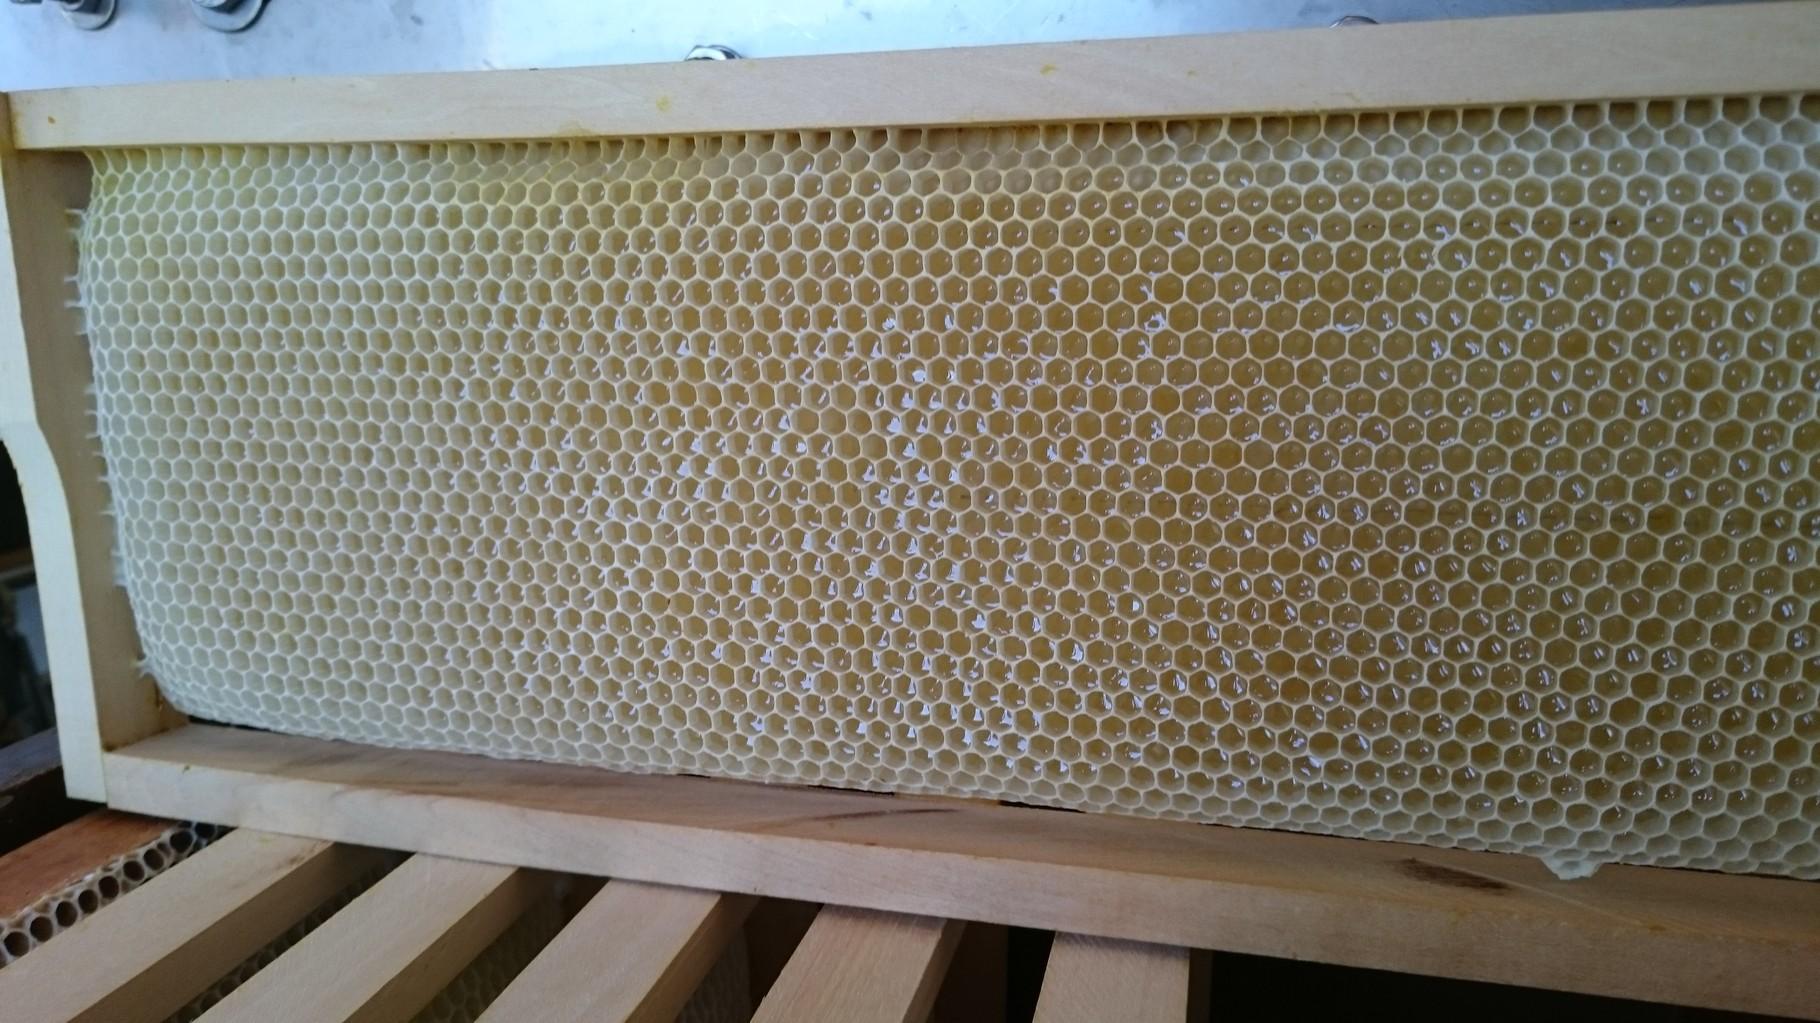 cadre dont les alvéoles ont été remplies de miel